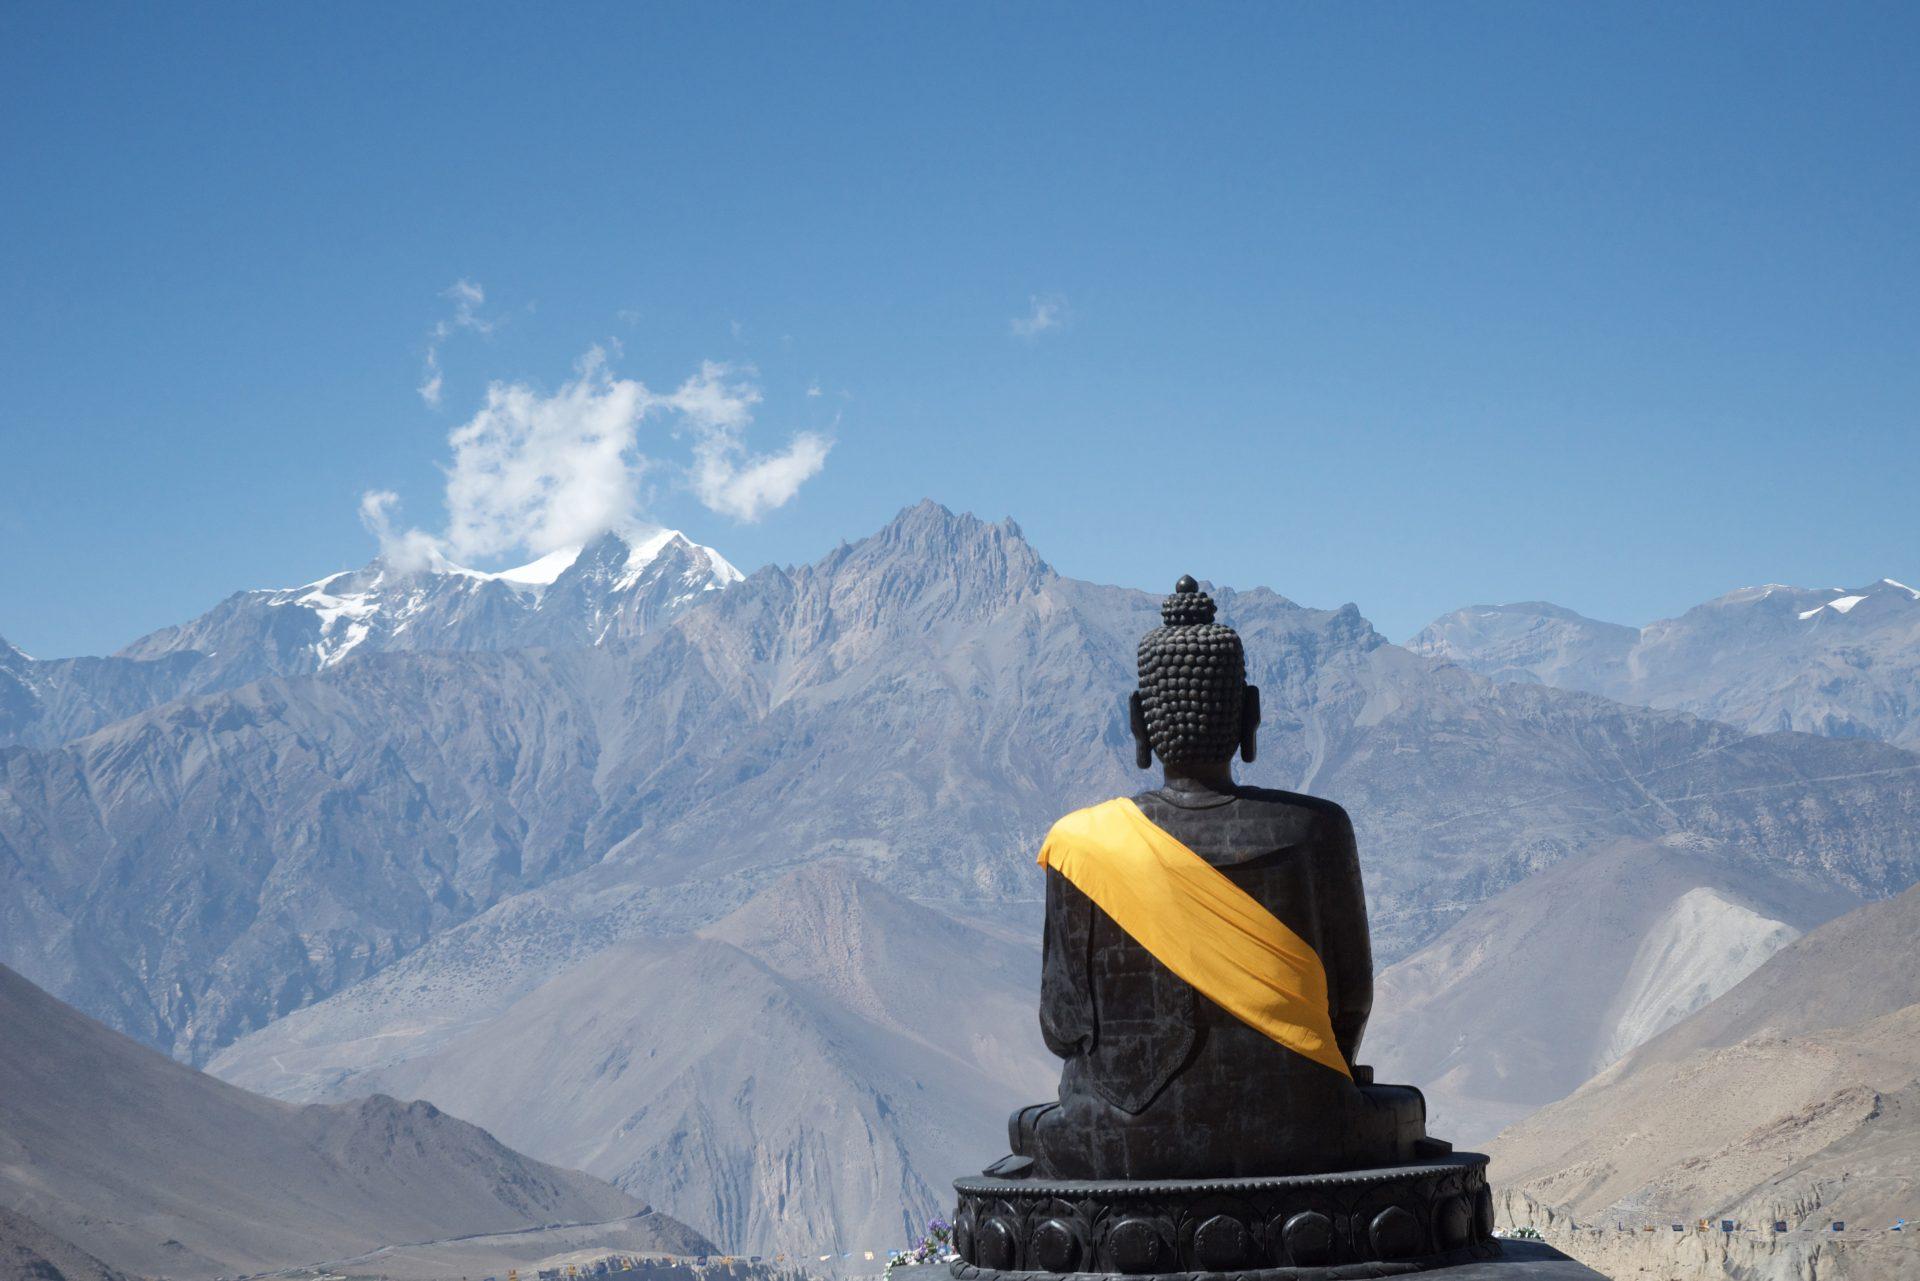 Boeddhabeeld in Muktinath-Chumig Gyatsa, een interreligieus pelgrimsoord in Nepal dat diverse mensen bezochten in het kader van hun coachingstraject bij André Kalden.